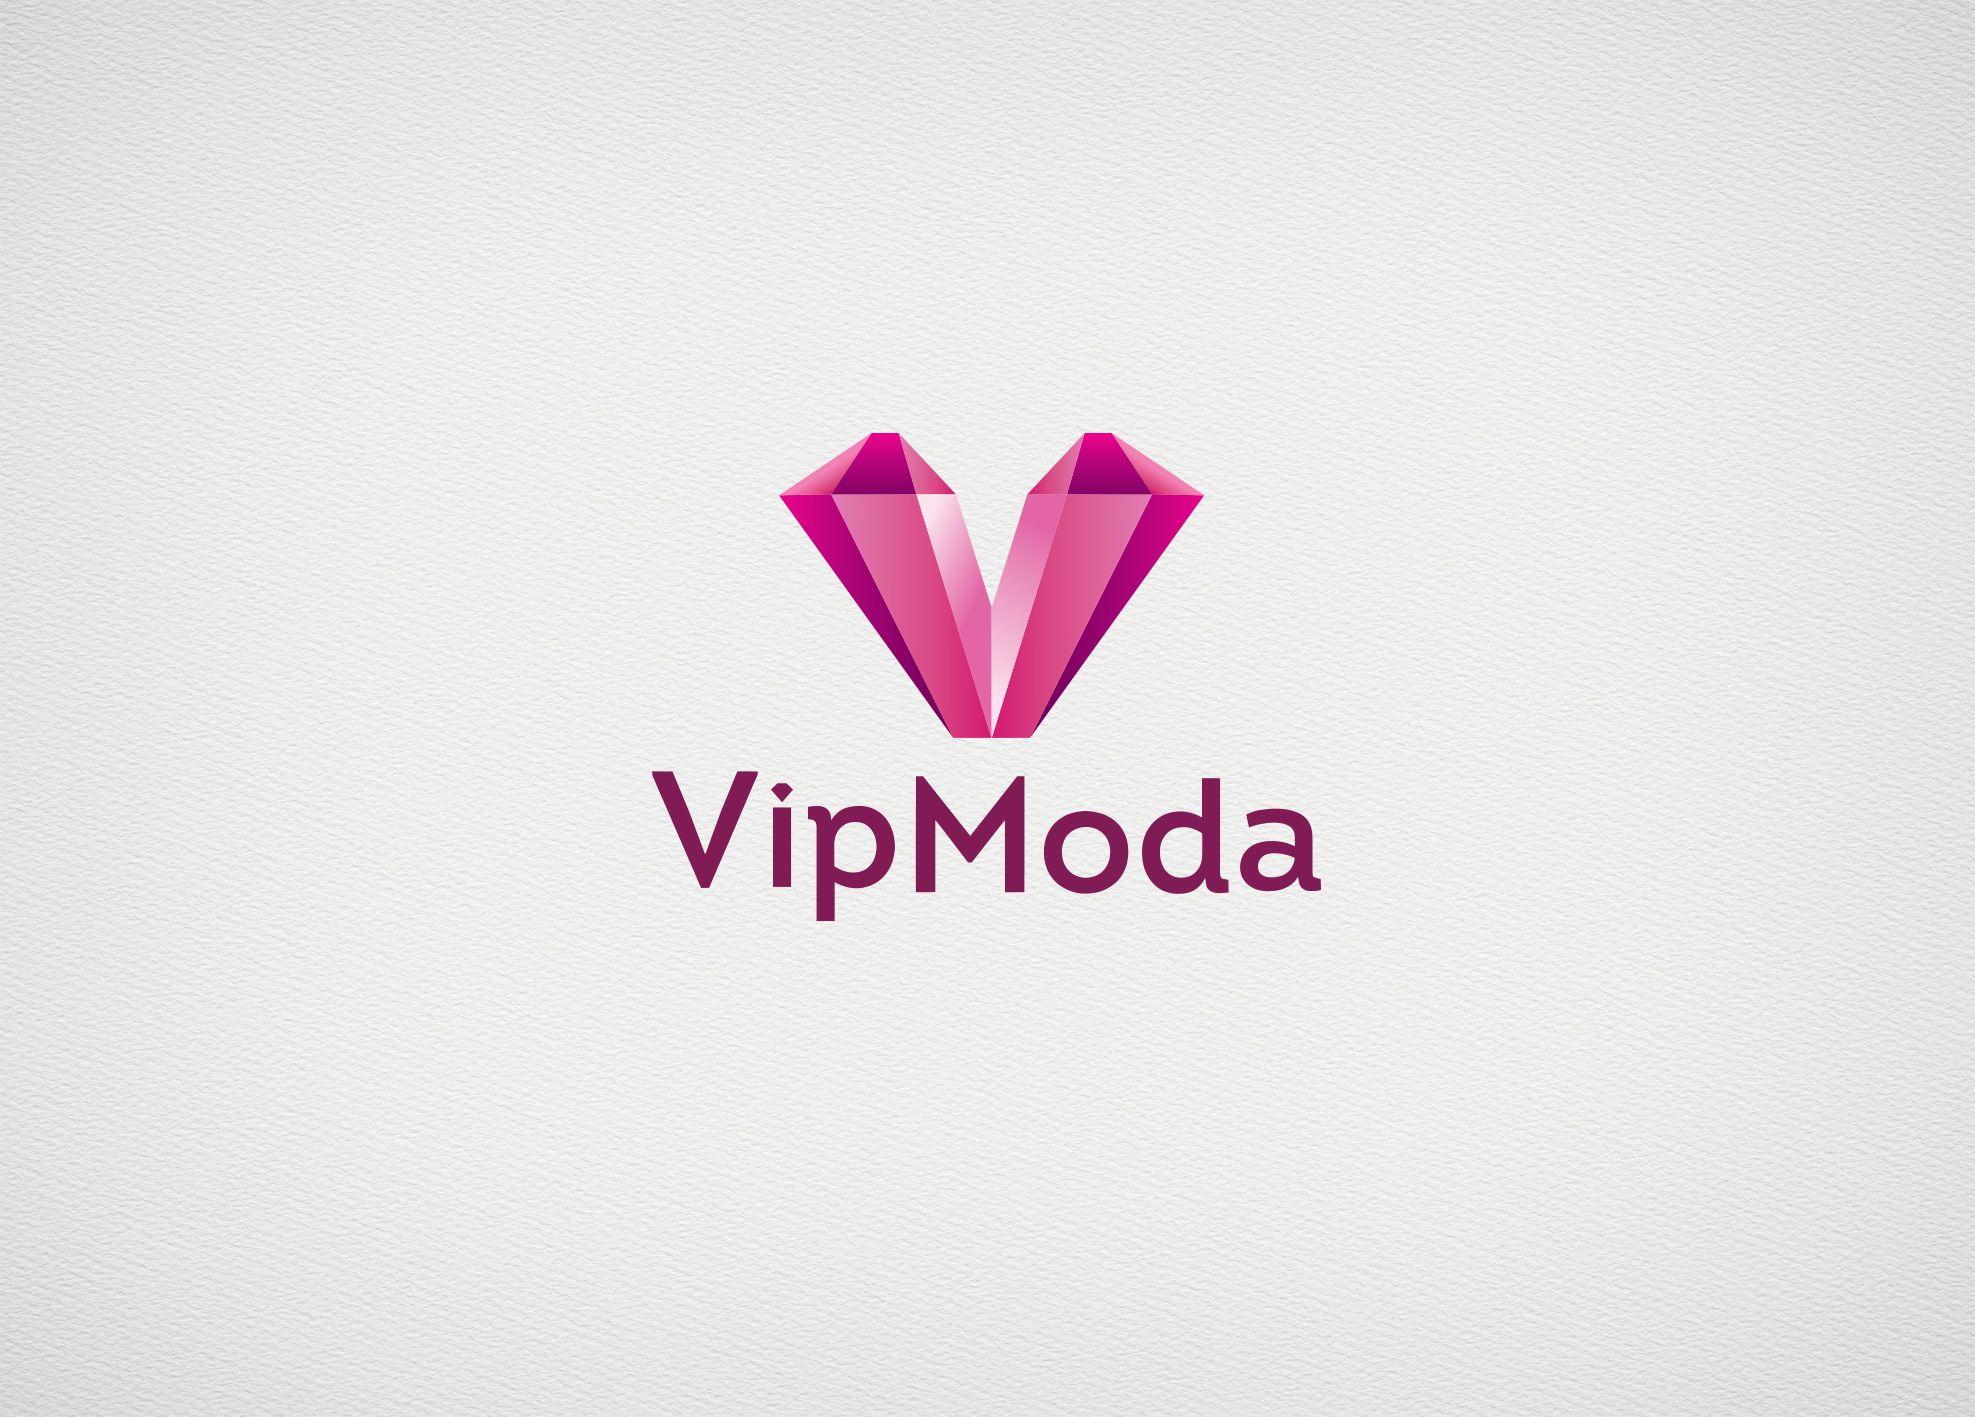 Лого и фирменный стиль компании ВИПМОДА  - дизайнер 25angel05